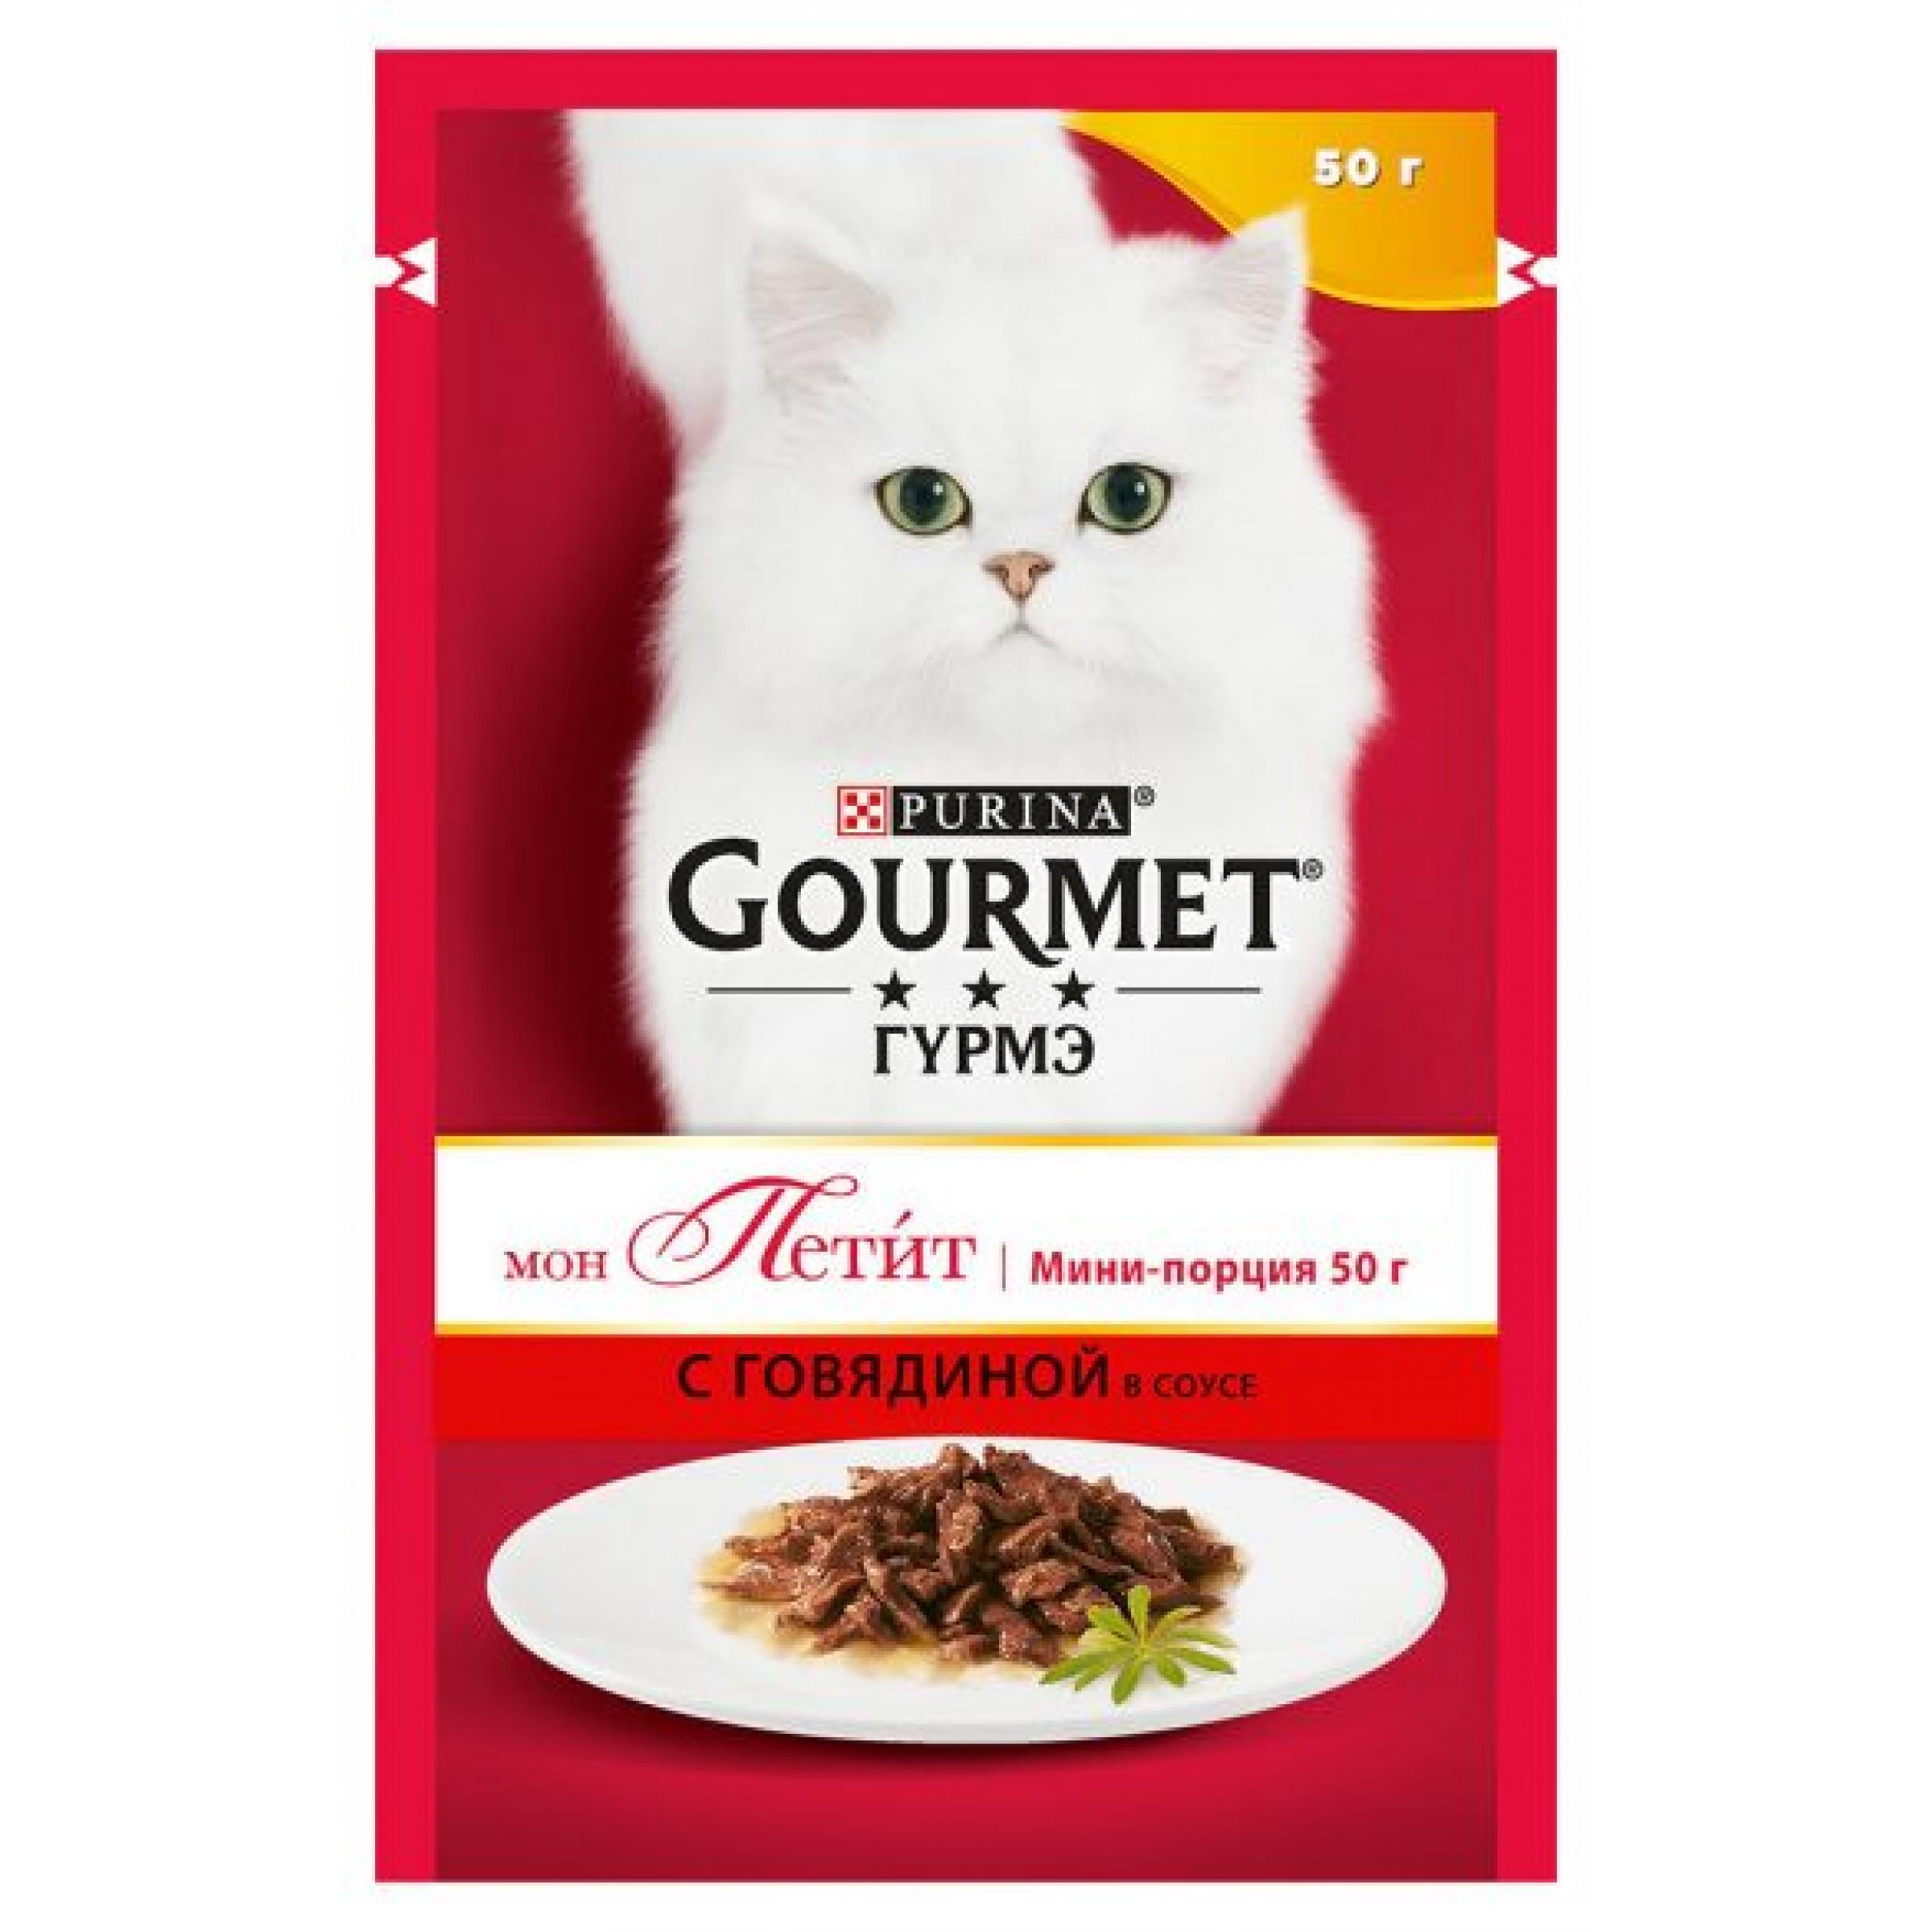 Влажный корм GOURMET MON PETIT для кошек с Говядиной, 50 гр